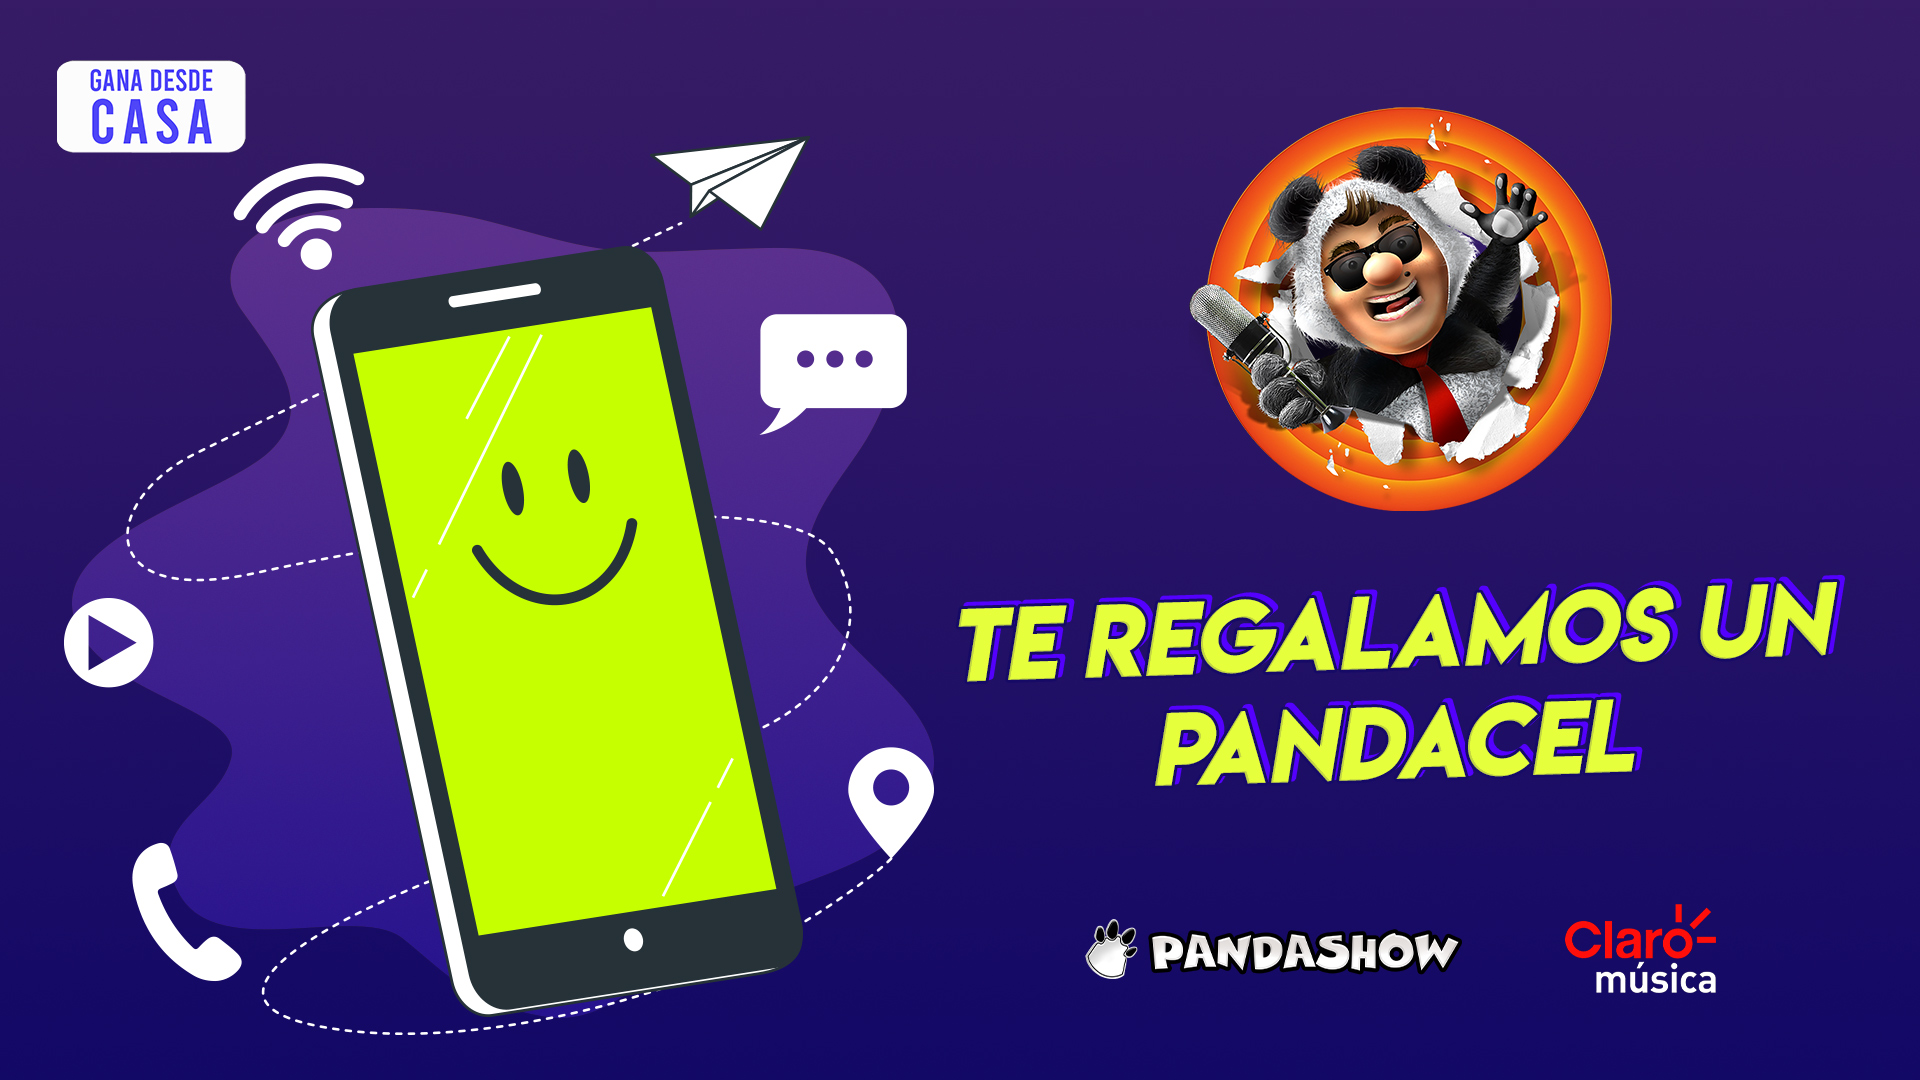 Todo el mes de abril gana el Pandacel, el teléfono oficial del Pandashow